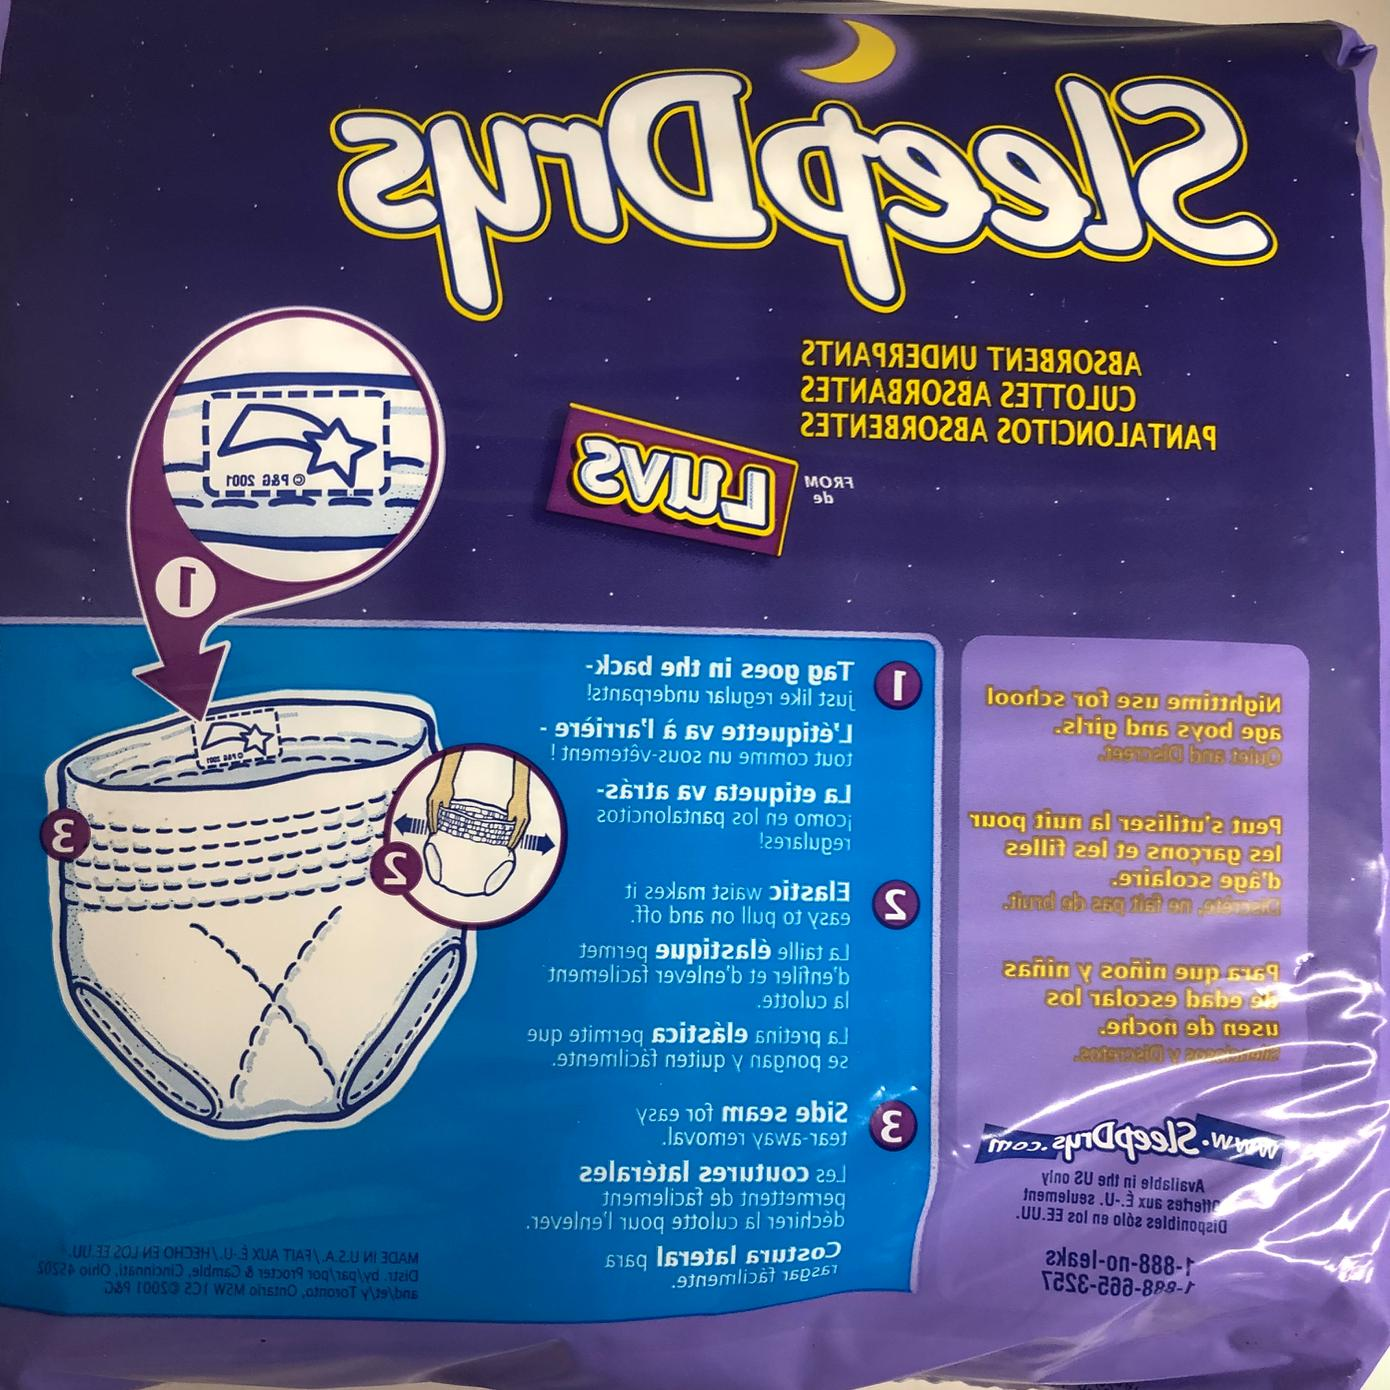 Lot 2001 Luvs Sleep Large 65 Vintage Diaper